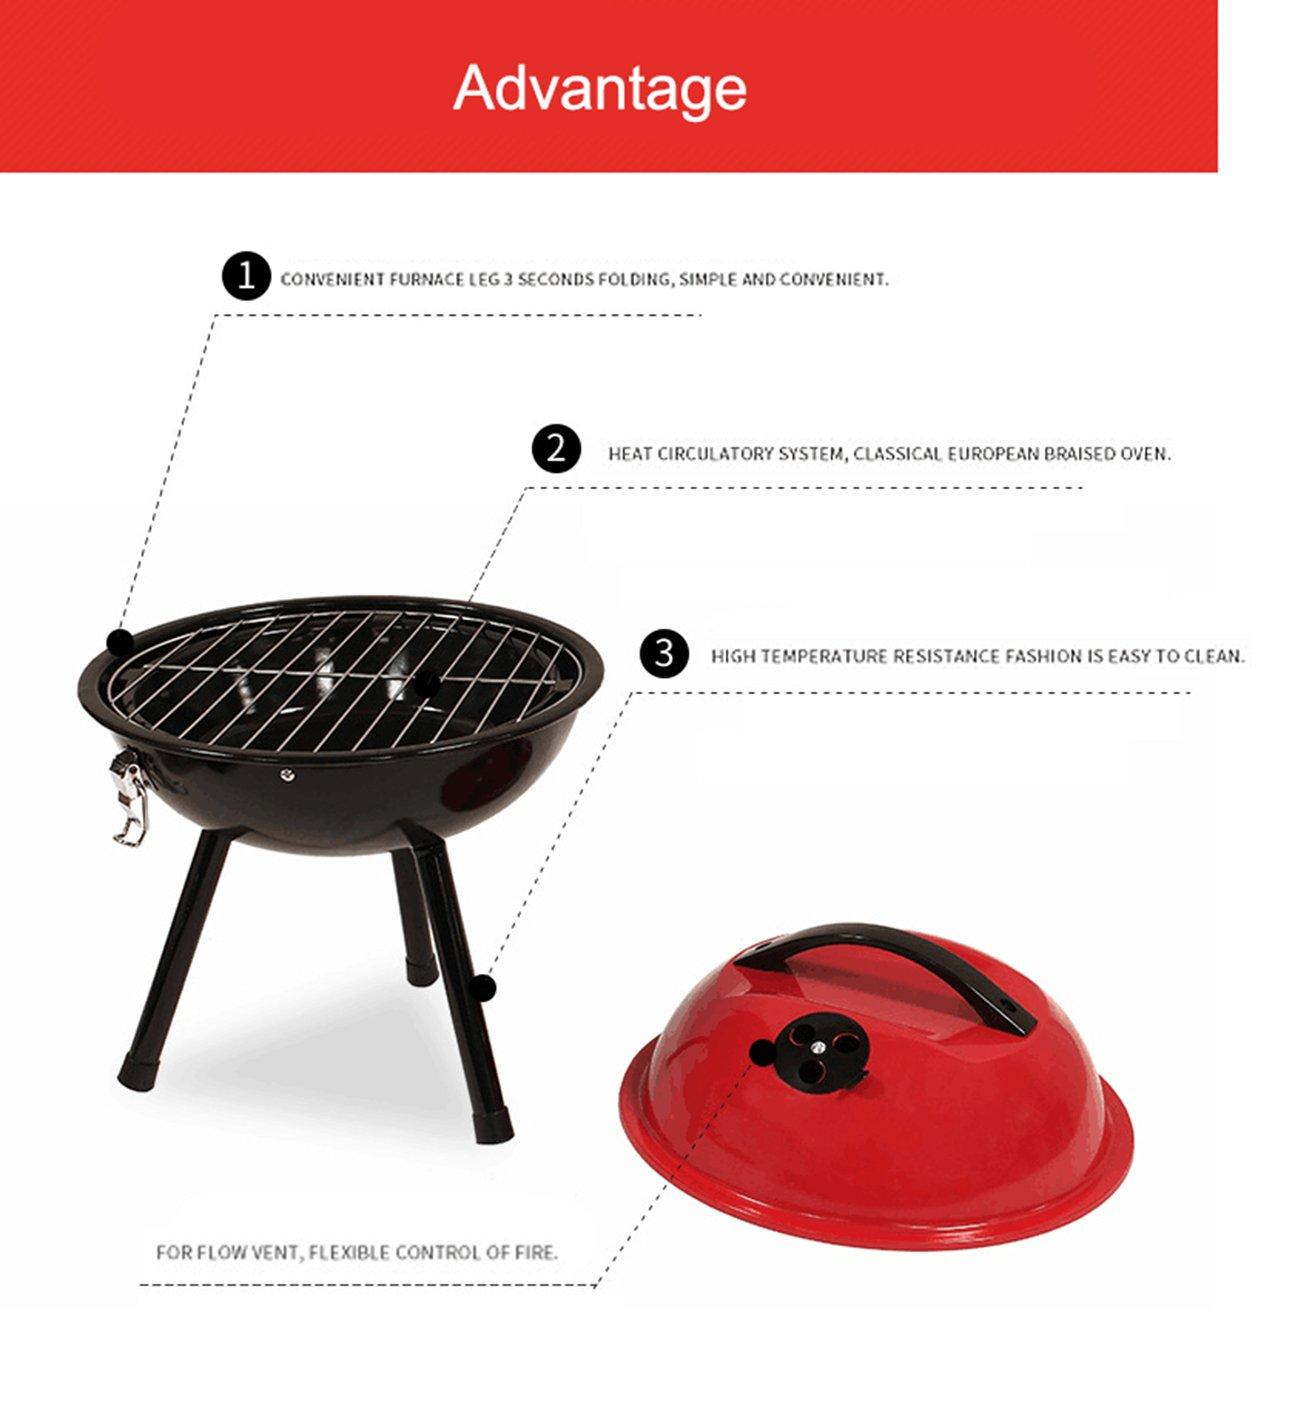 Amazon.com: Queena portátil parrilla de carbón, pequeño 12 ...